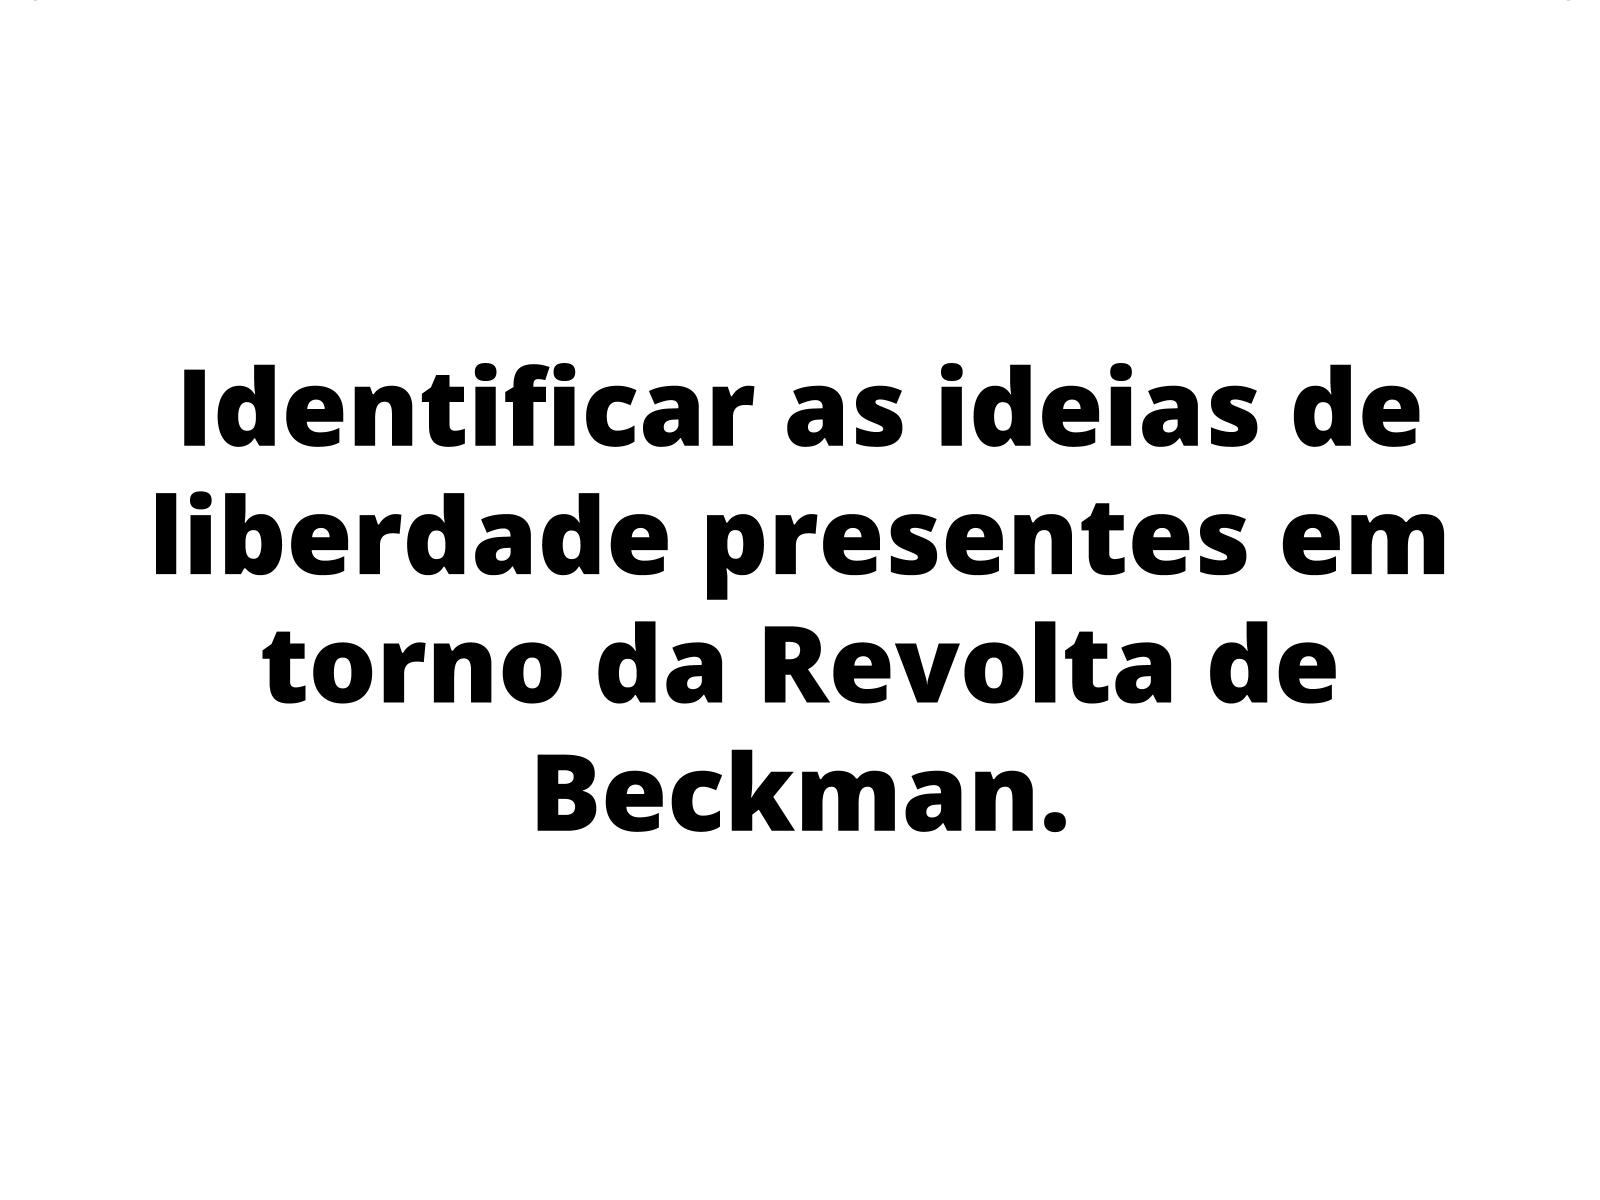 As ideias de liberdade presentes na Revolta de Beckman